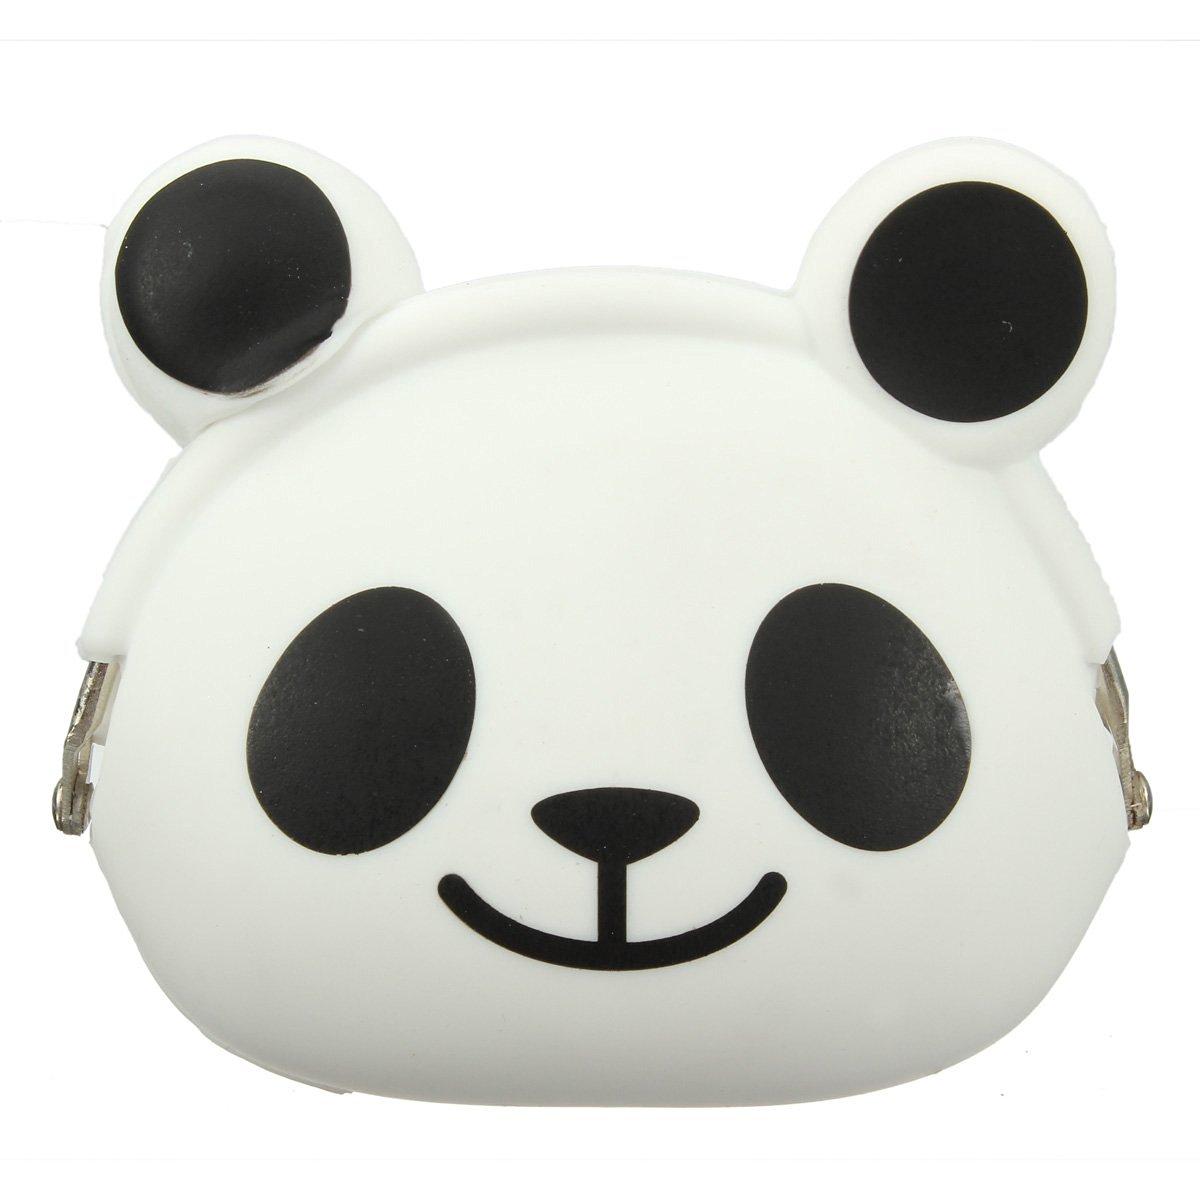 Frauen Mädchen Brieftasche Kawaii Niedliche Cartoon-tier Silikon Gelee Münze Tasche Geldbörse Kinder Geschenk Panda Wir Haben Lob Von Kunden Gewonnen